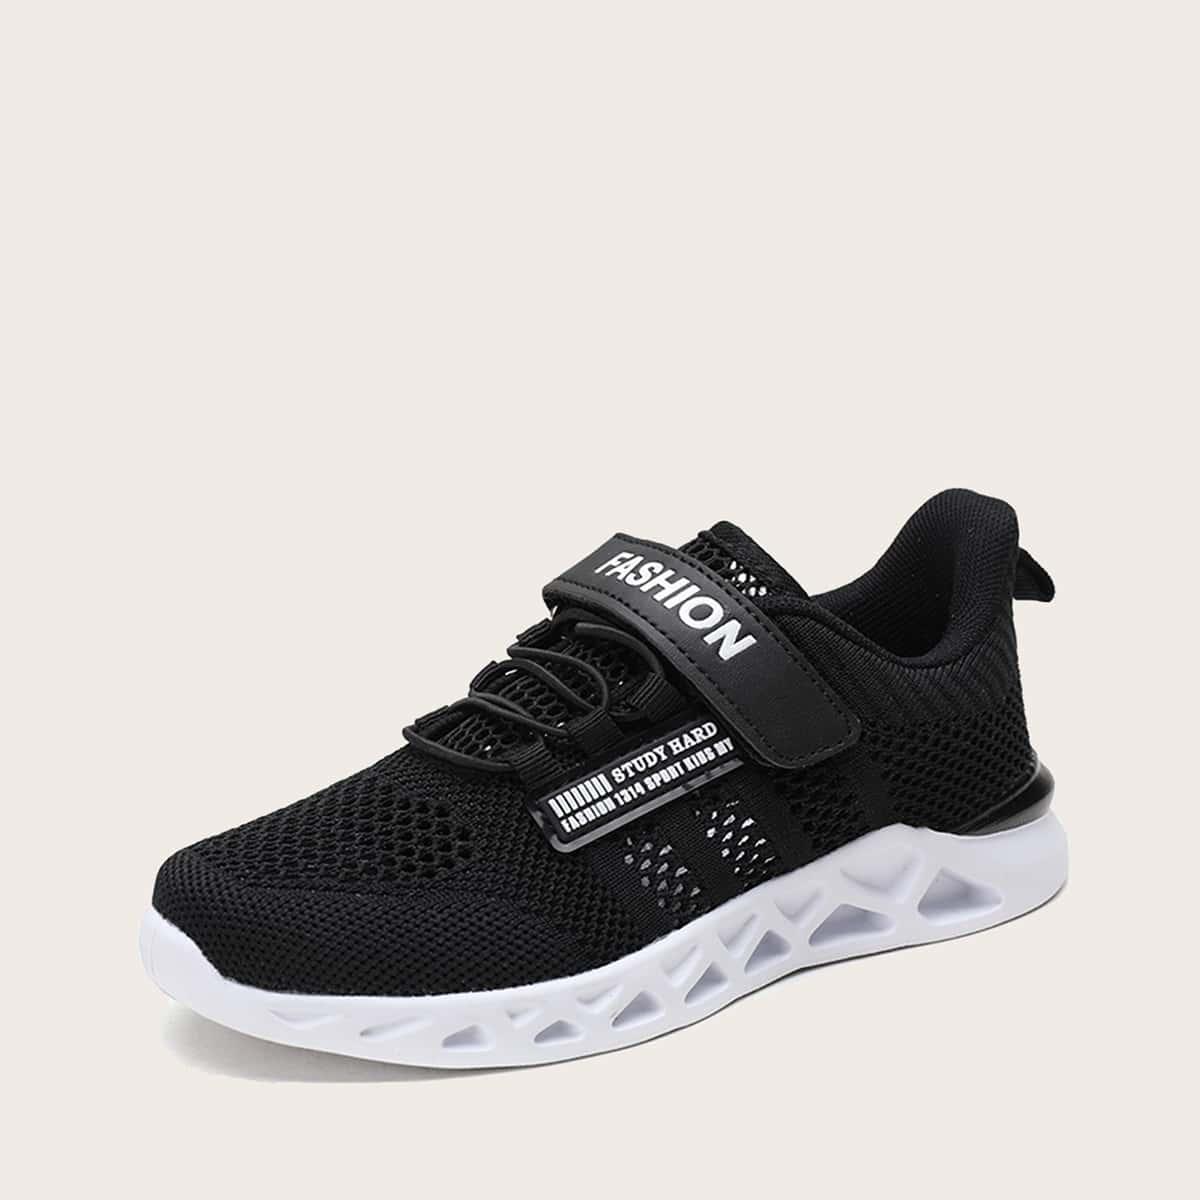 На шнурках буква детские кроссовки